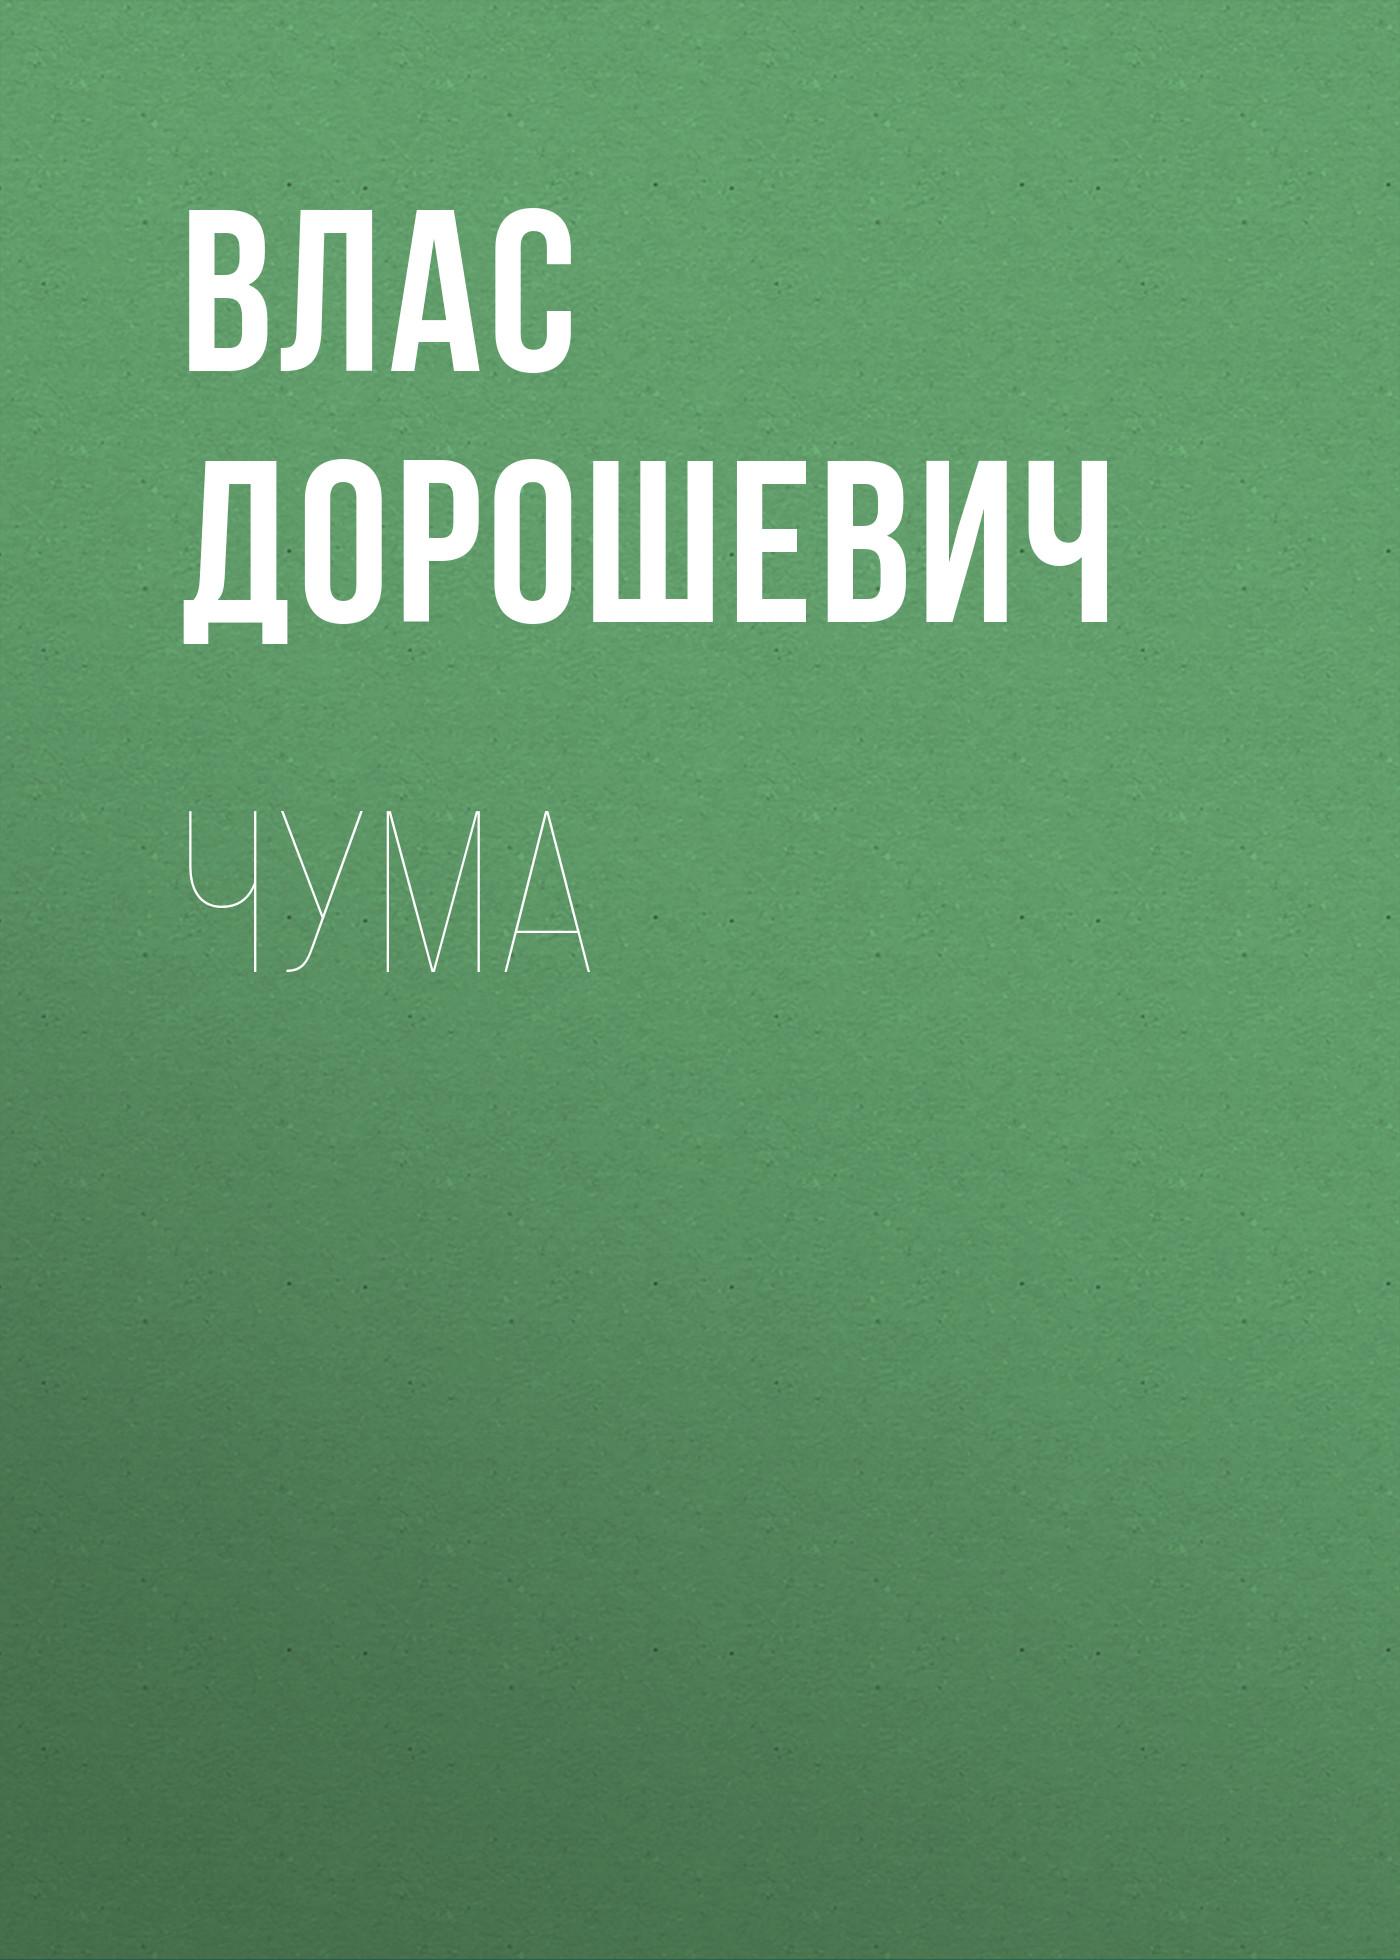 Купить книгу Чума, автора Власа Дорошевича